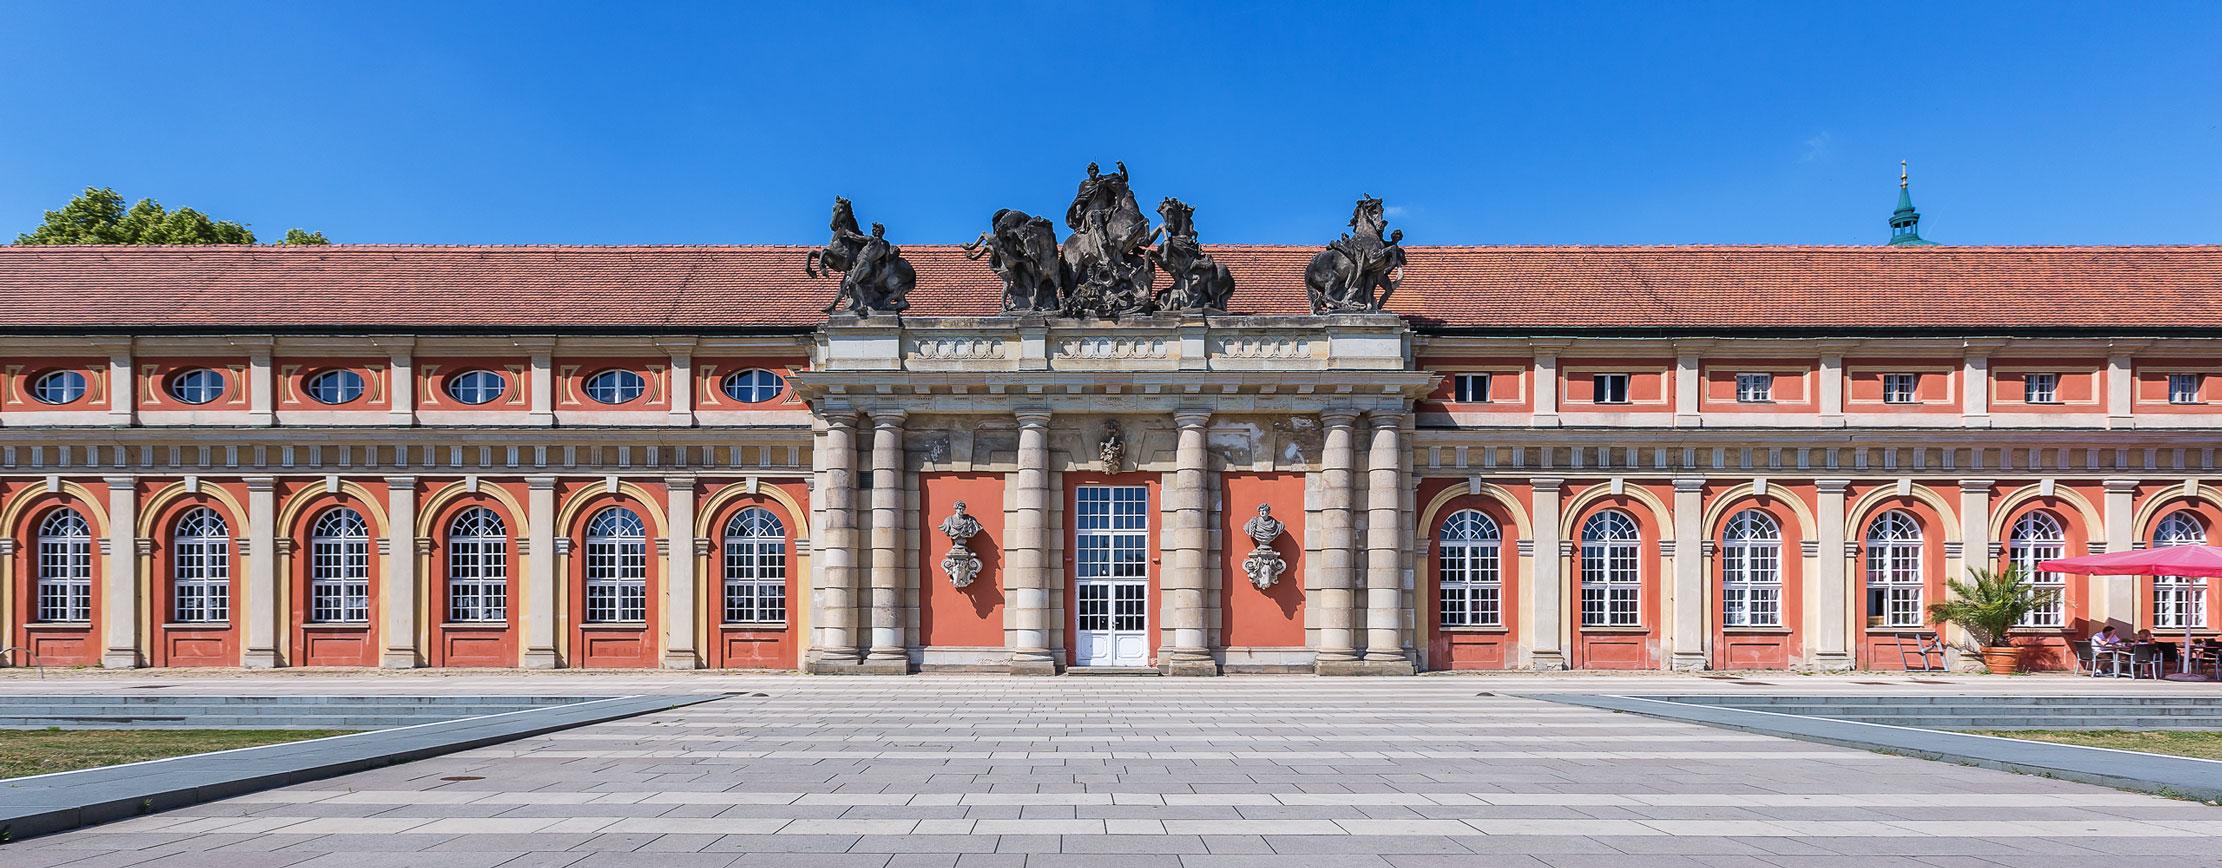 Filmmuseum Potsdam Immobilienmakler